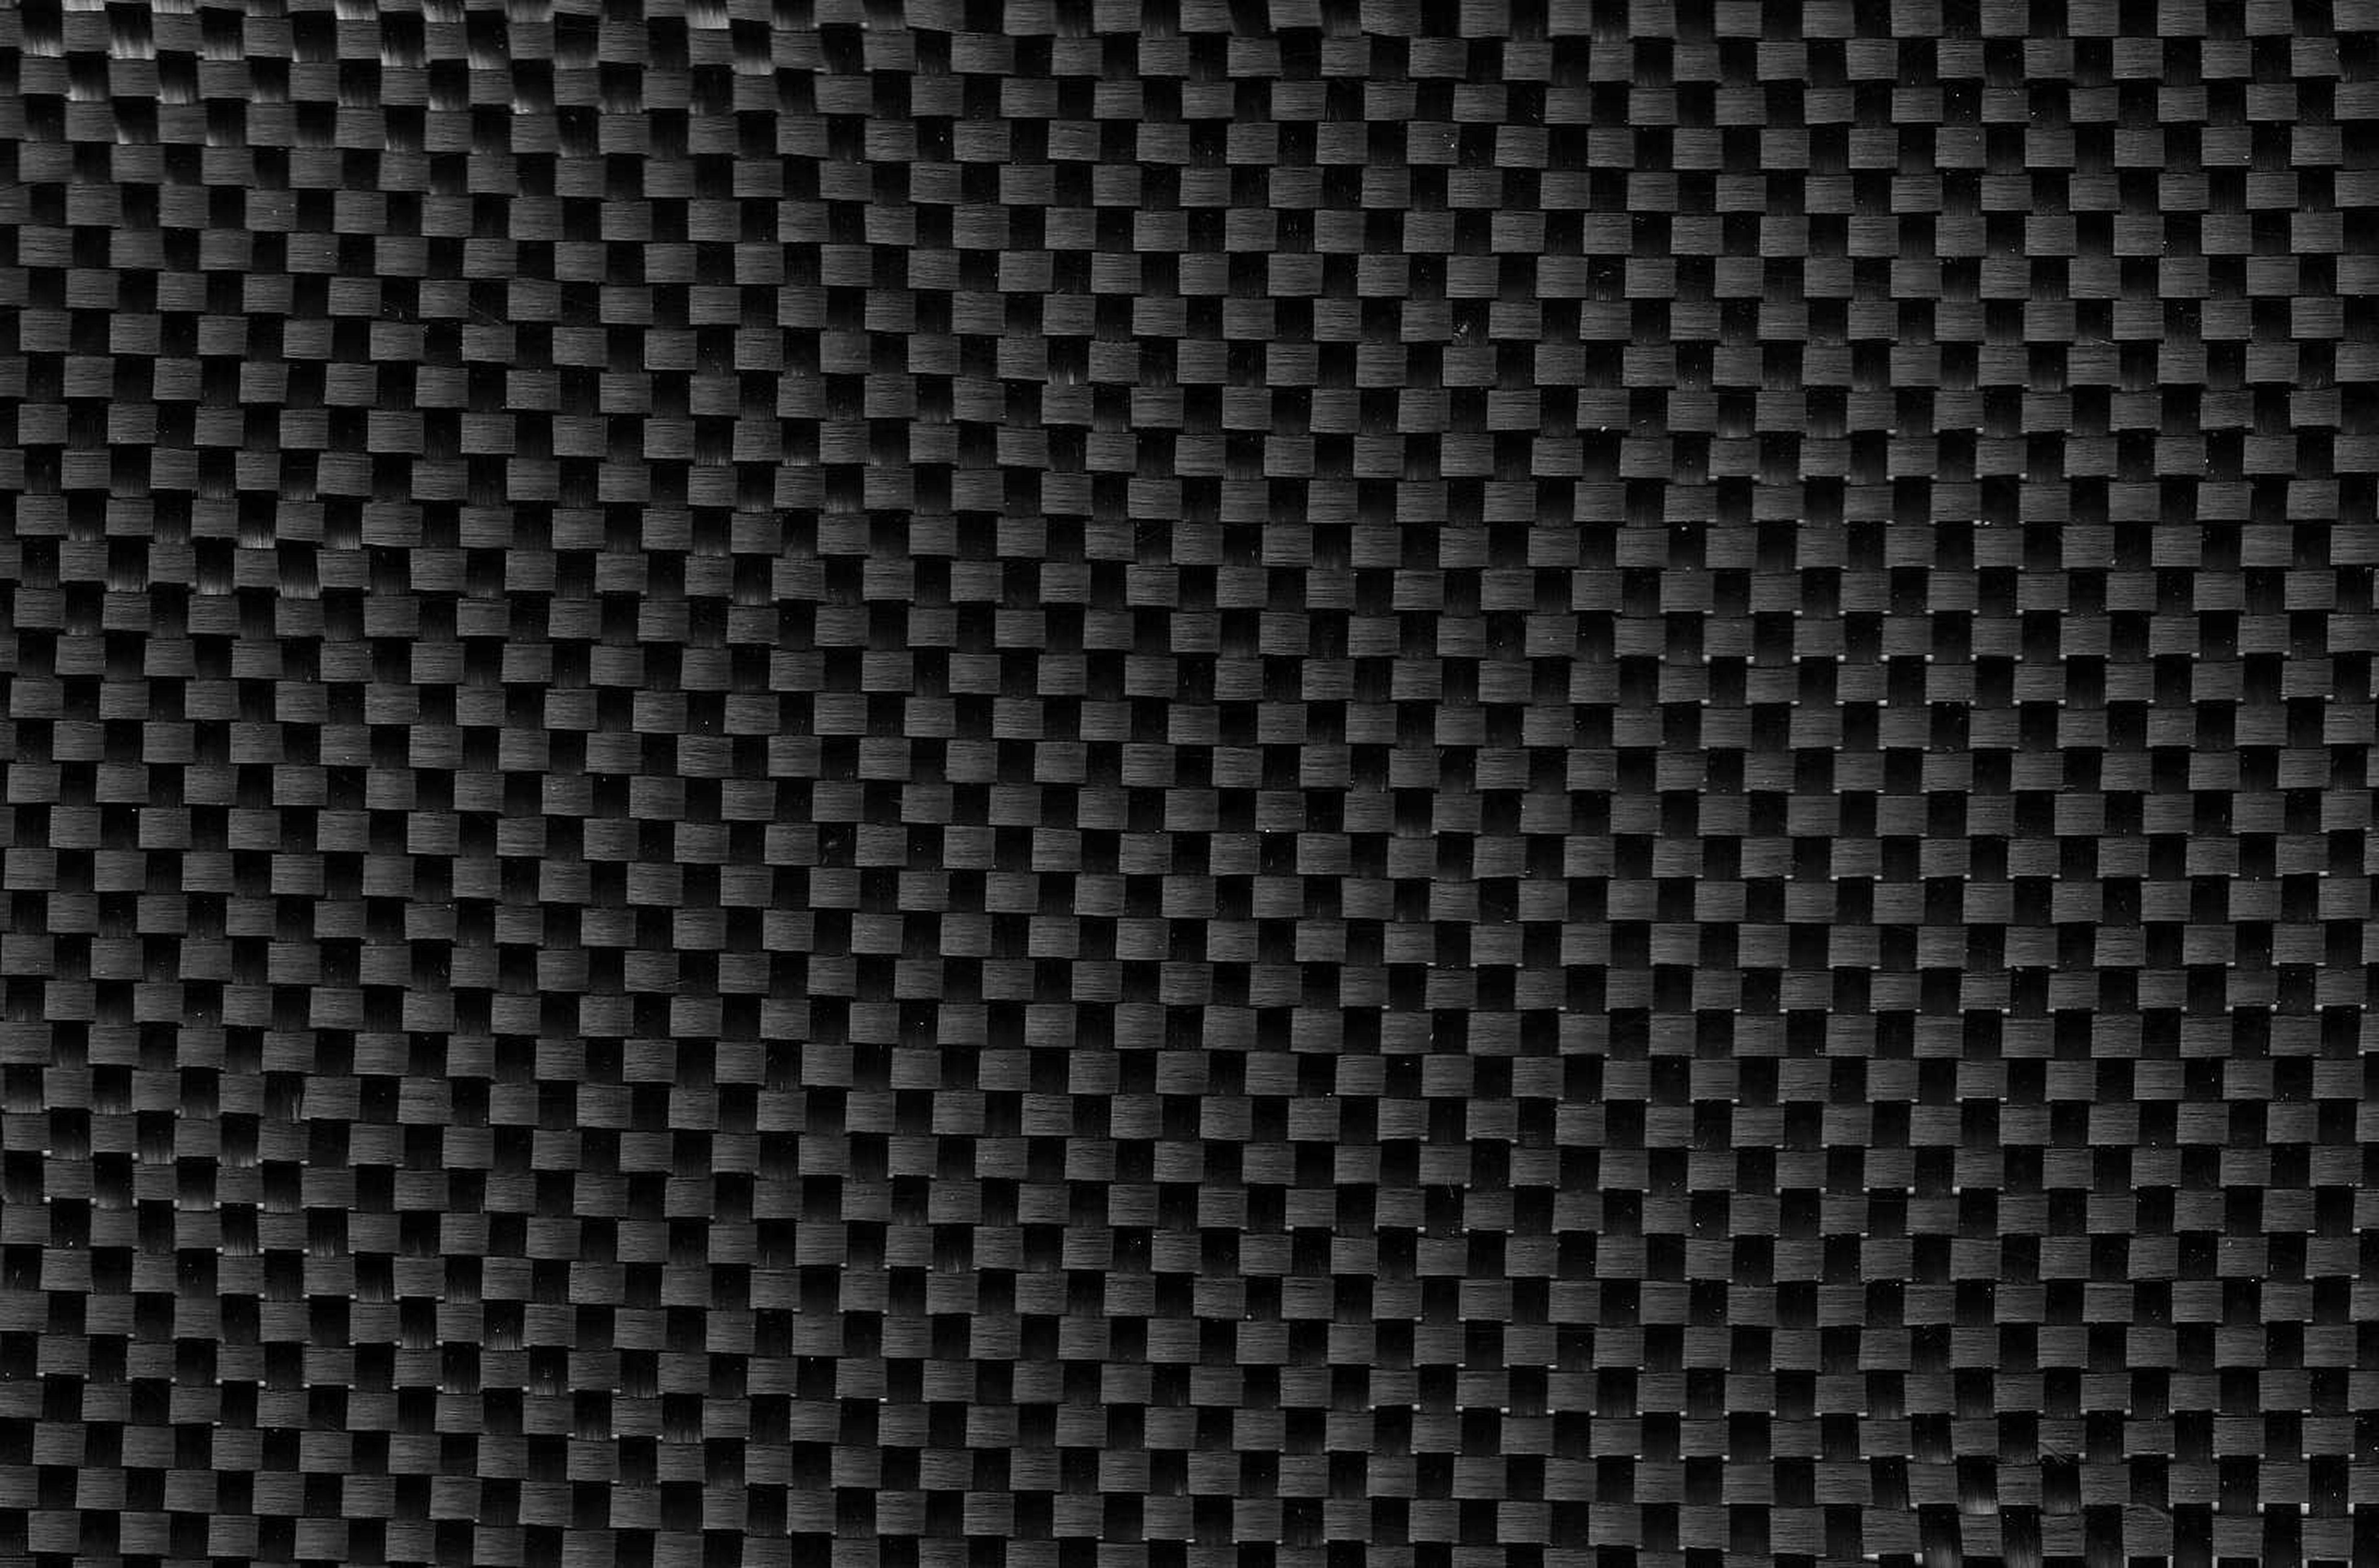 carbon fiber background image